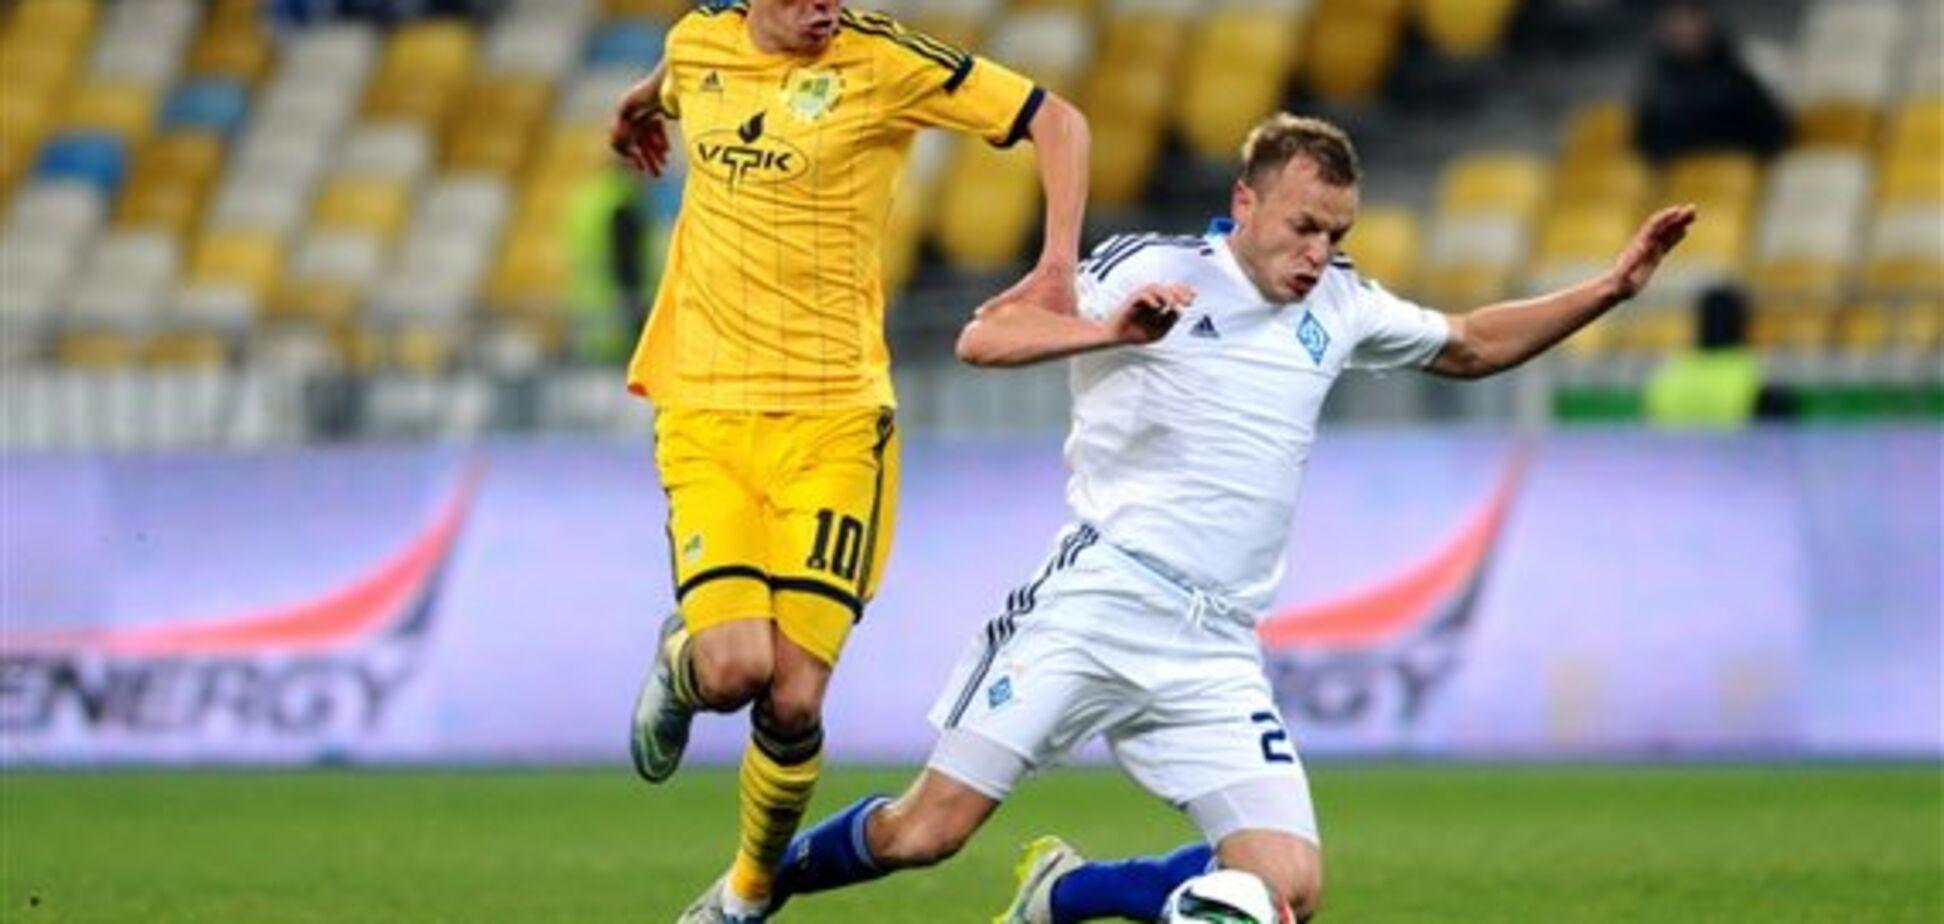 Український футболіст 'Шахтаря' почав переговори про зміну громадянства